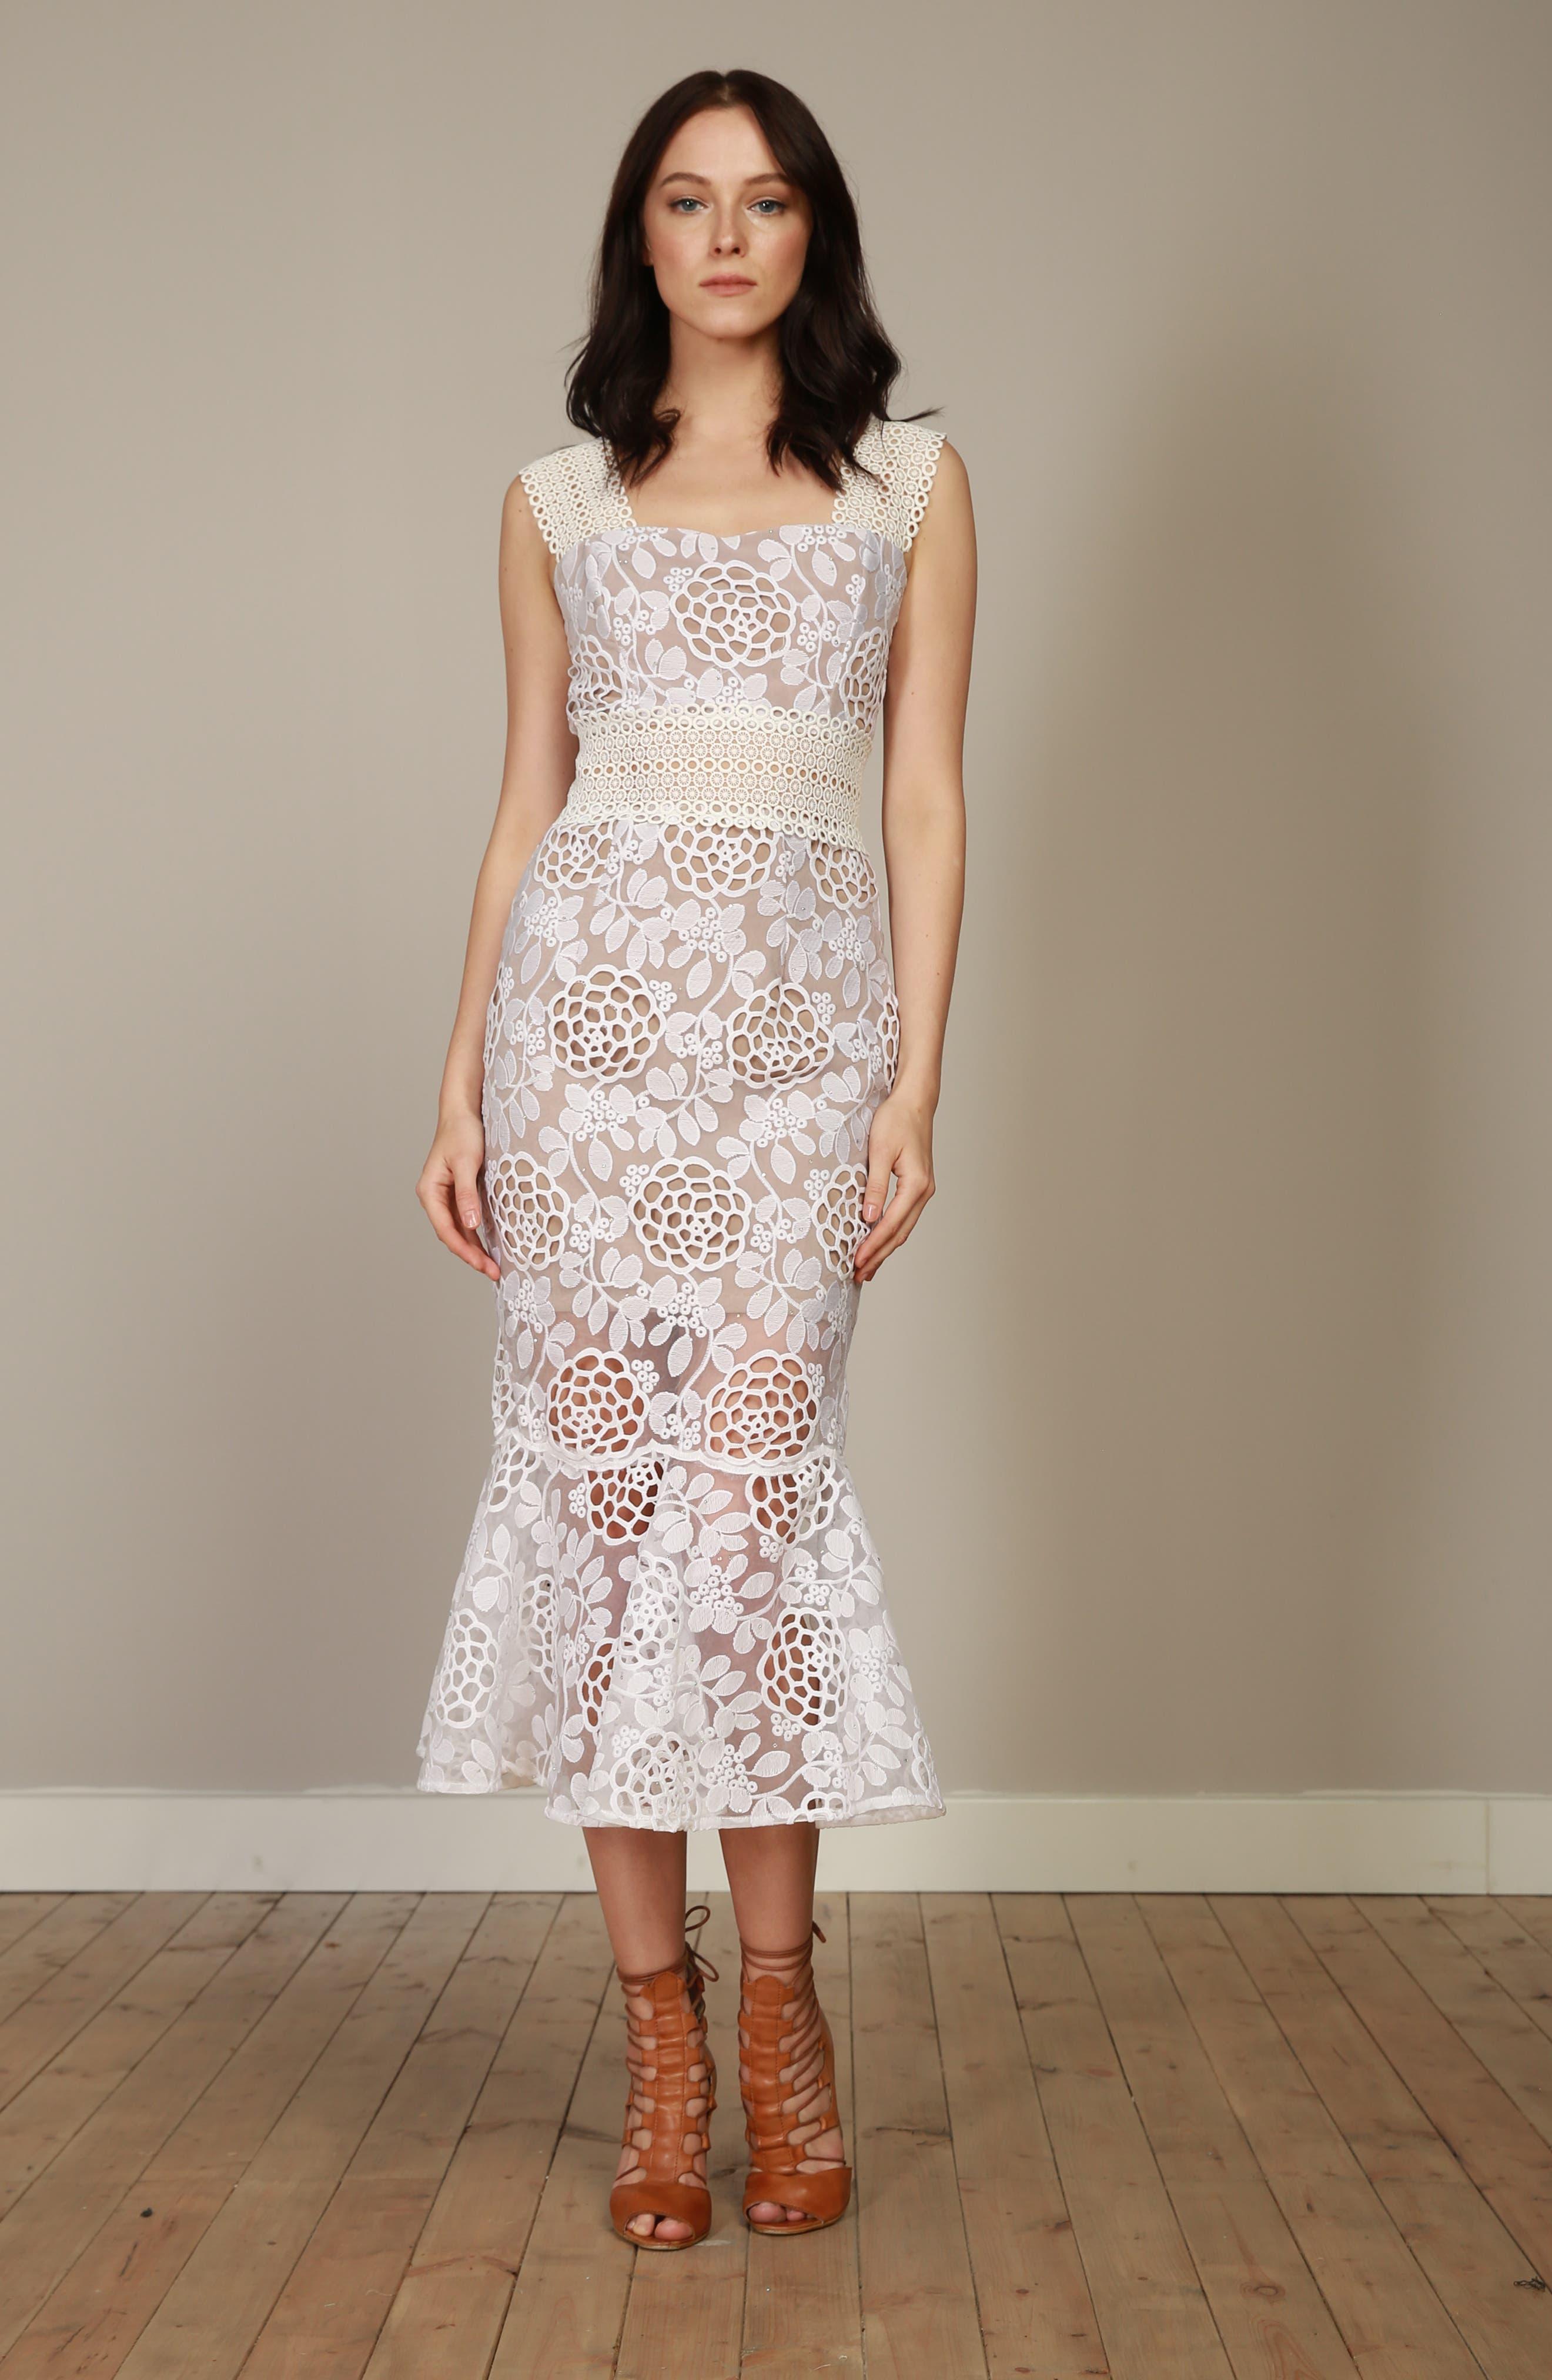 BRONX AND BANCO,                             Capri Floral Lace Midi Dress,                             Alternate thumbnail 8, color,                             100